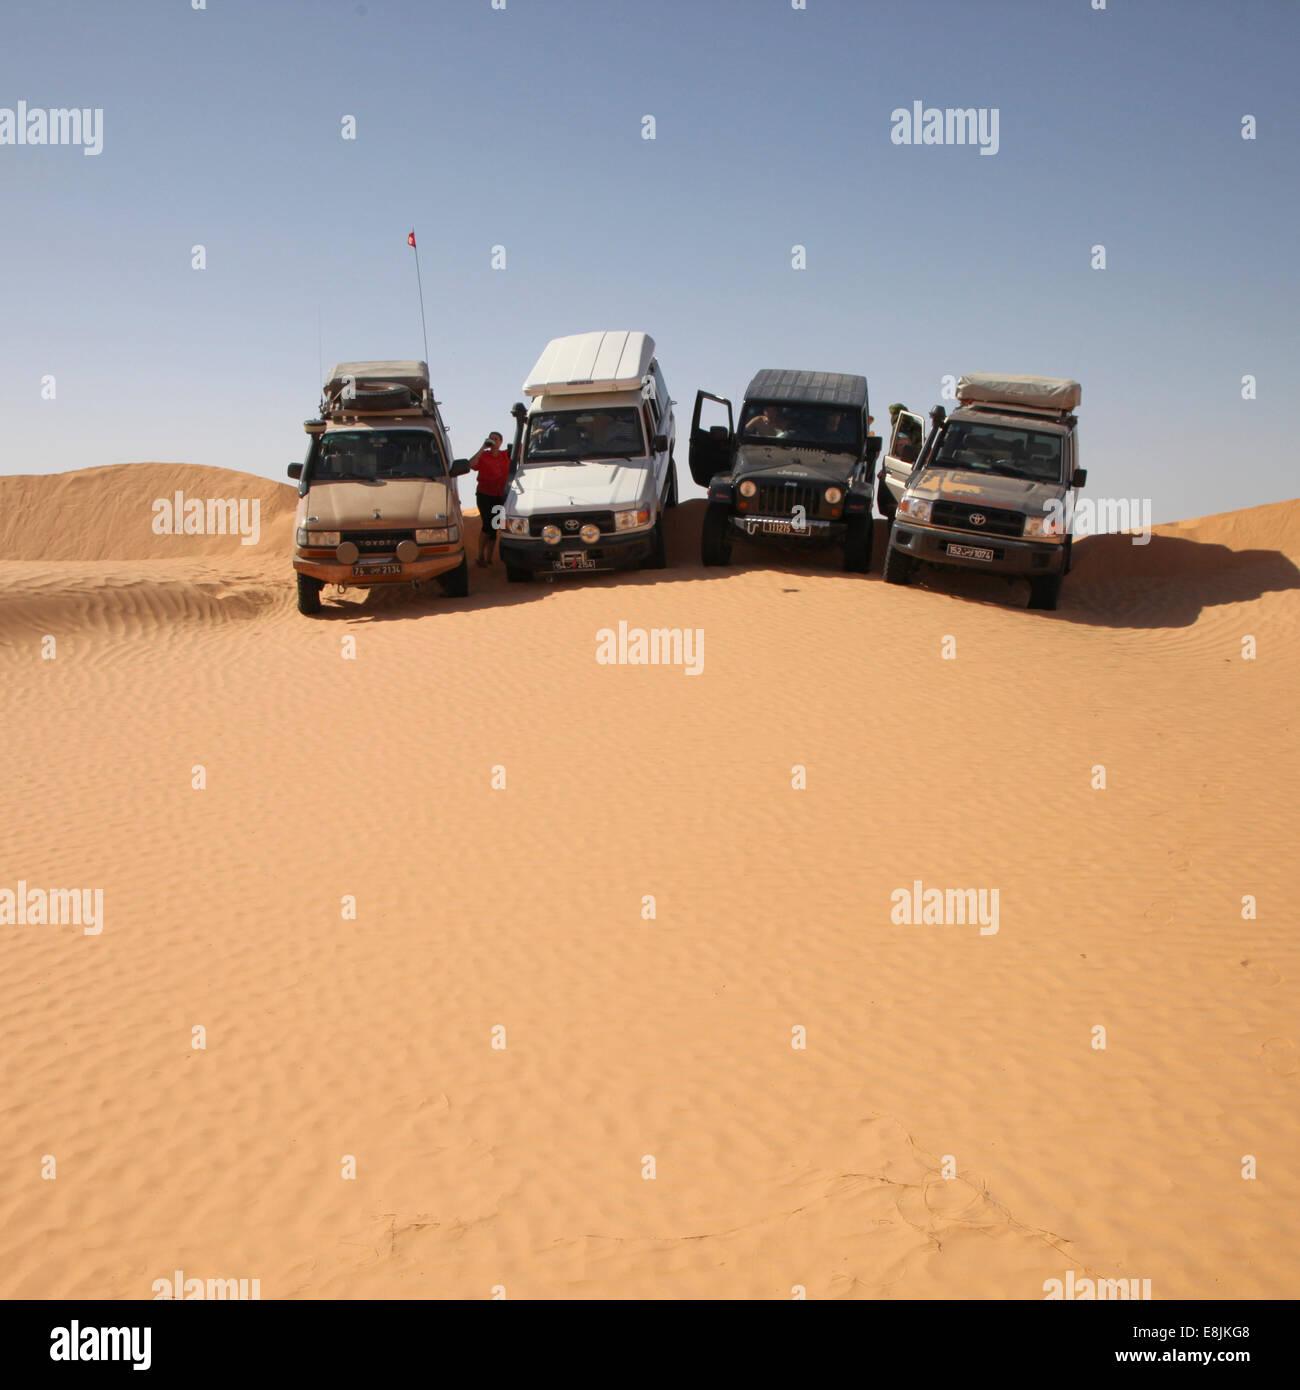 Vehículos en el desierto. Imagen De Stock